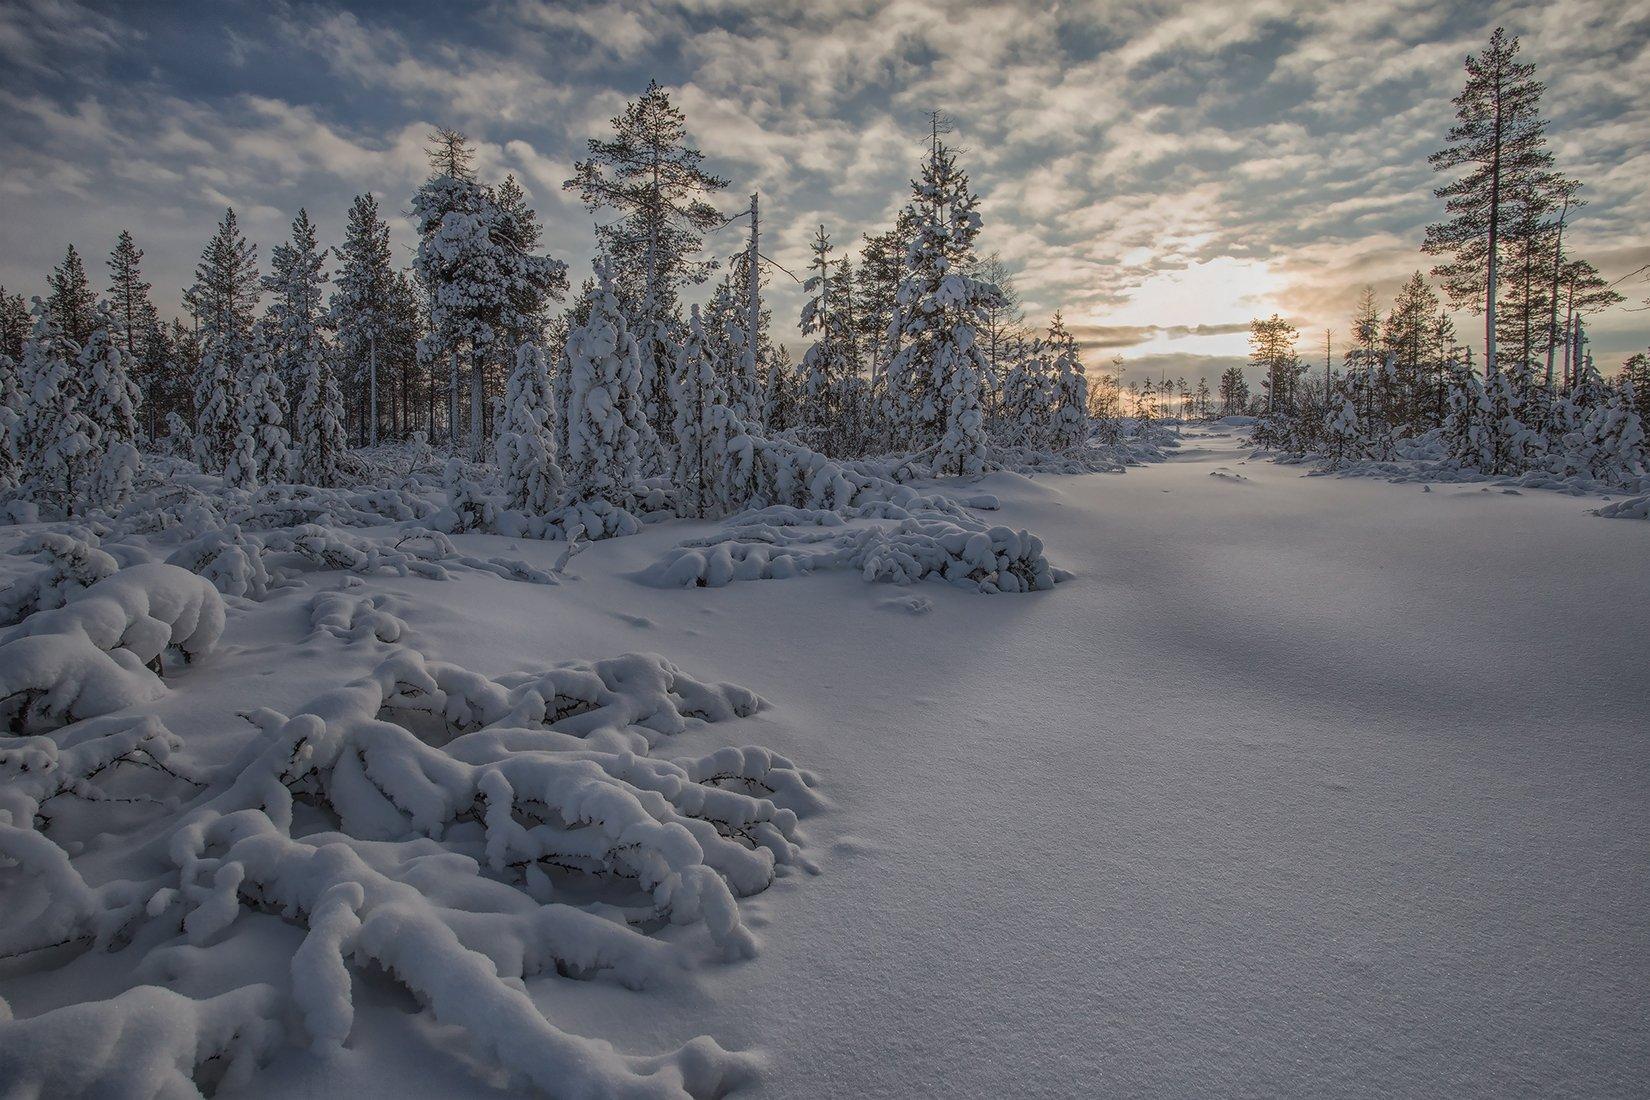 якутия, нерюнгри, зима, Евгения Левина